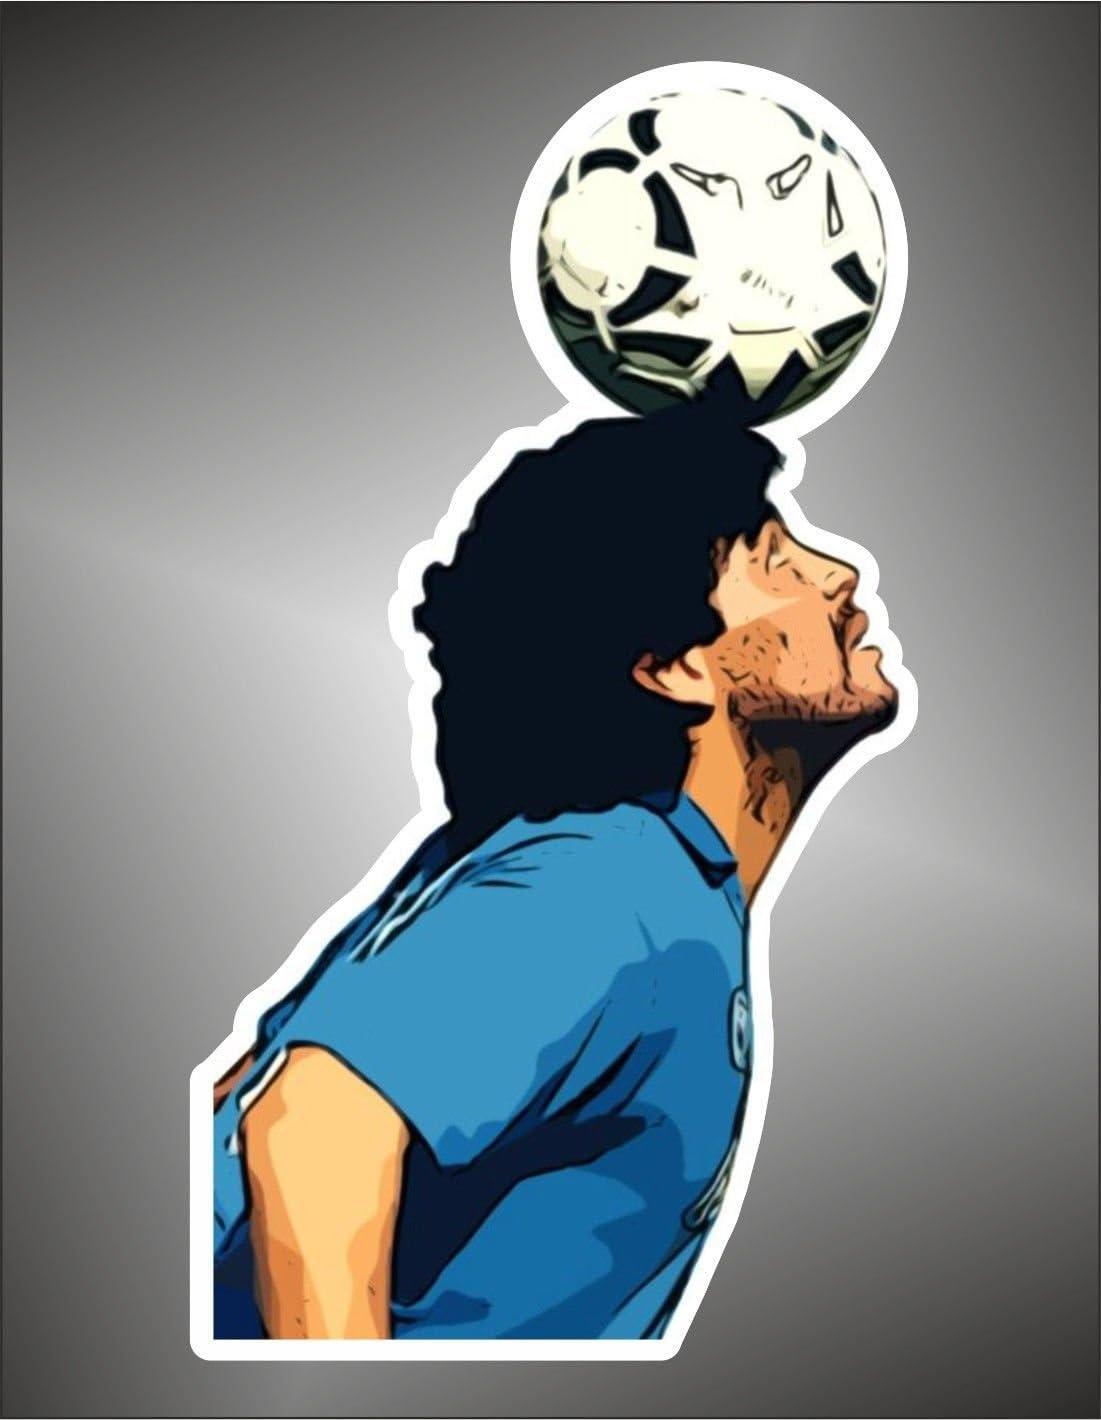 Adesivo Diego Armando Maradona Napoli Argentina football